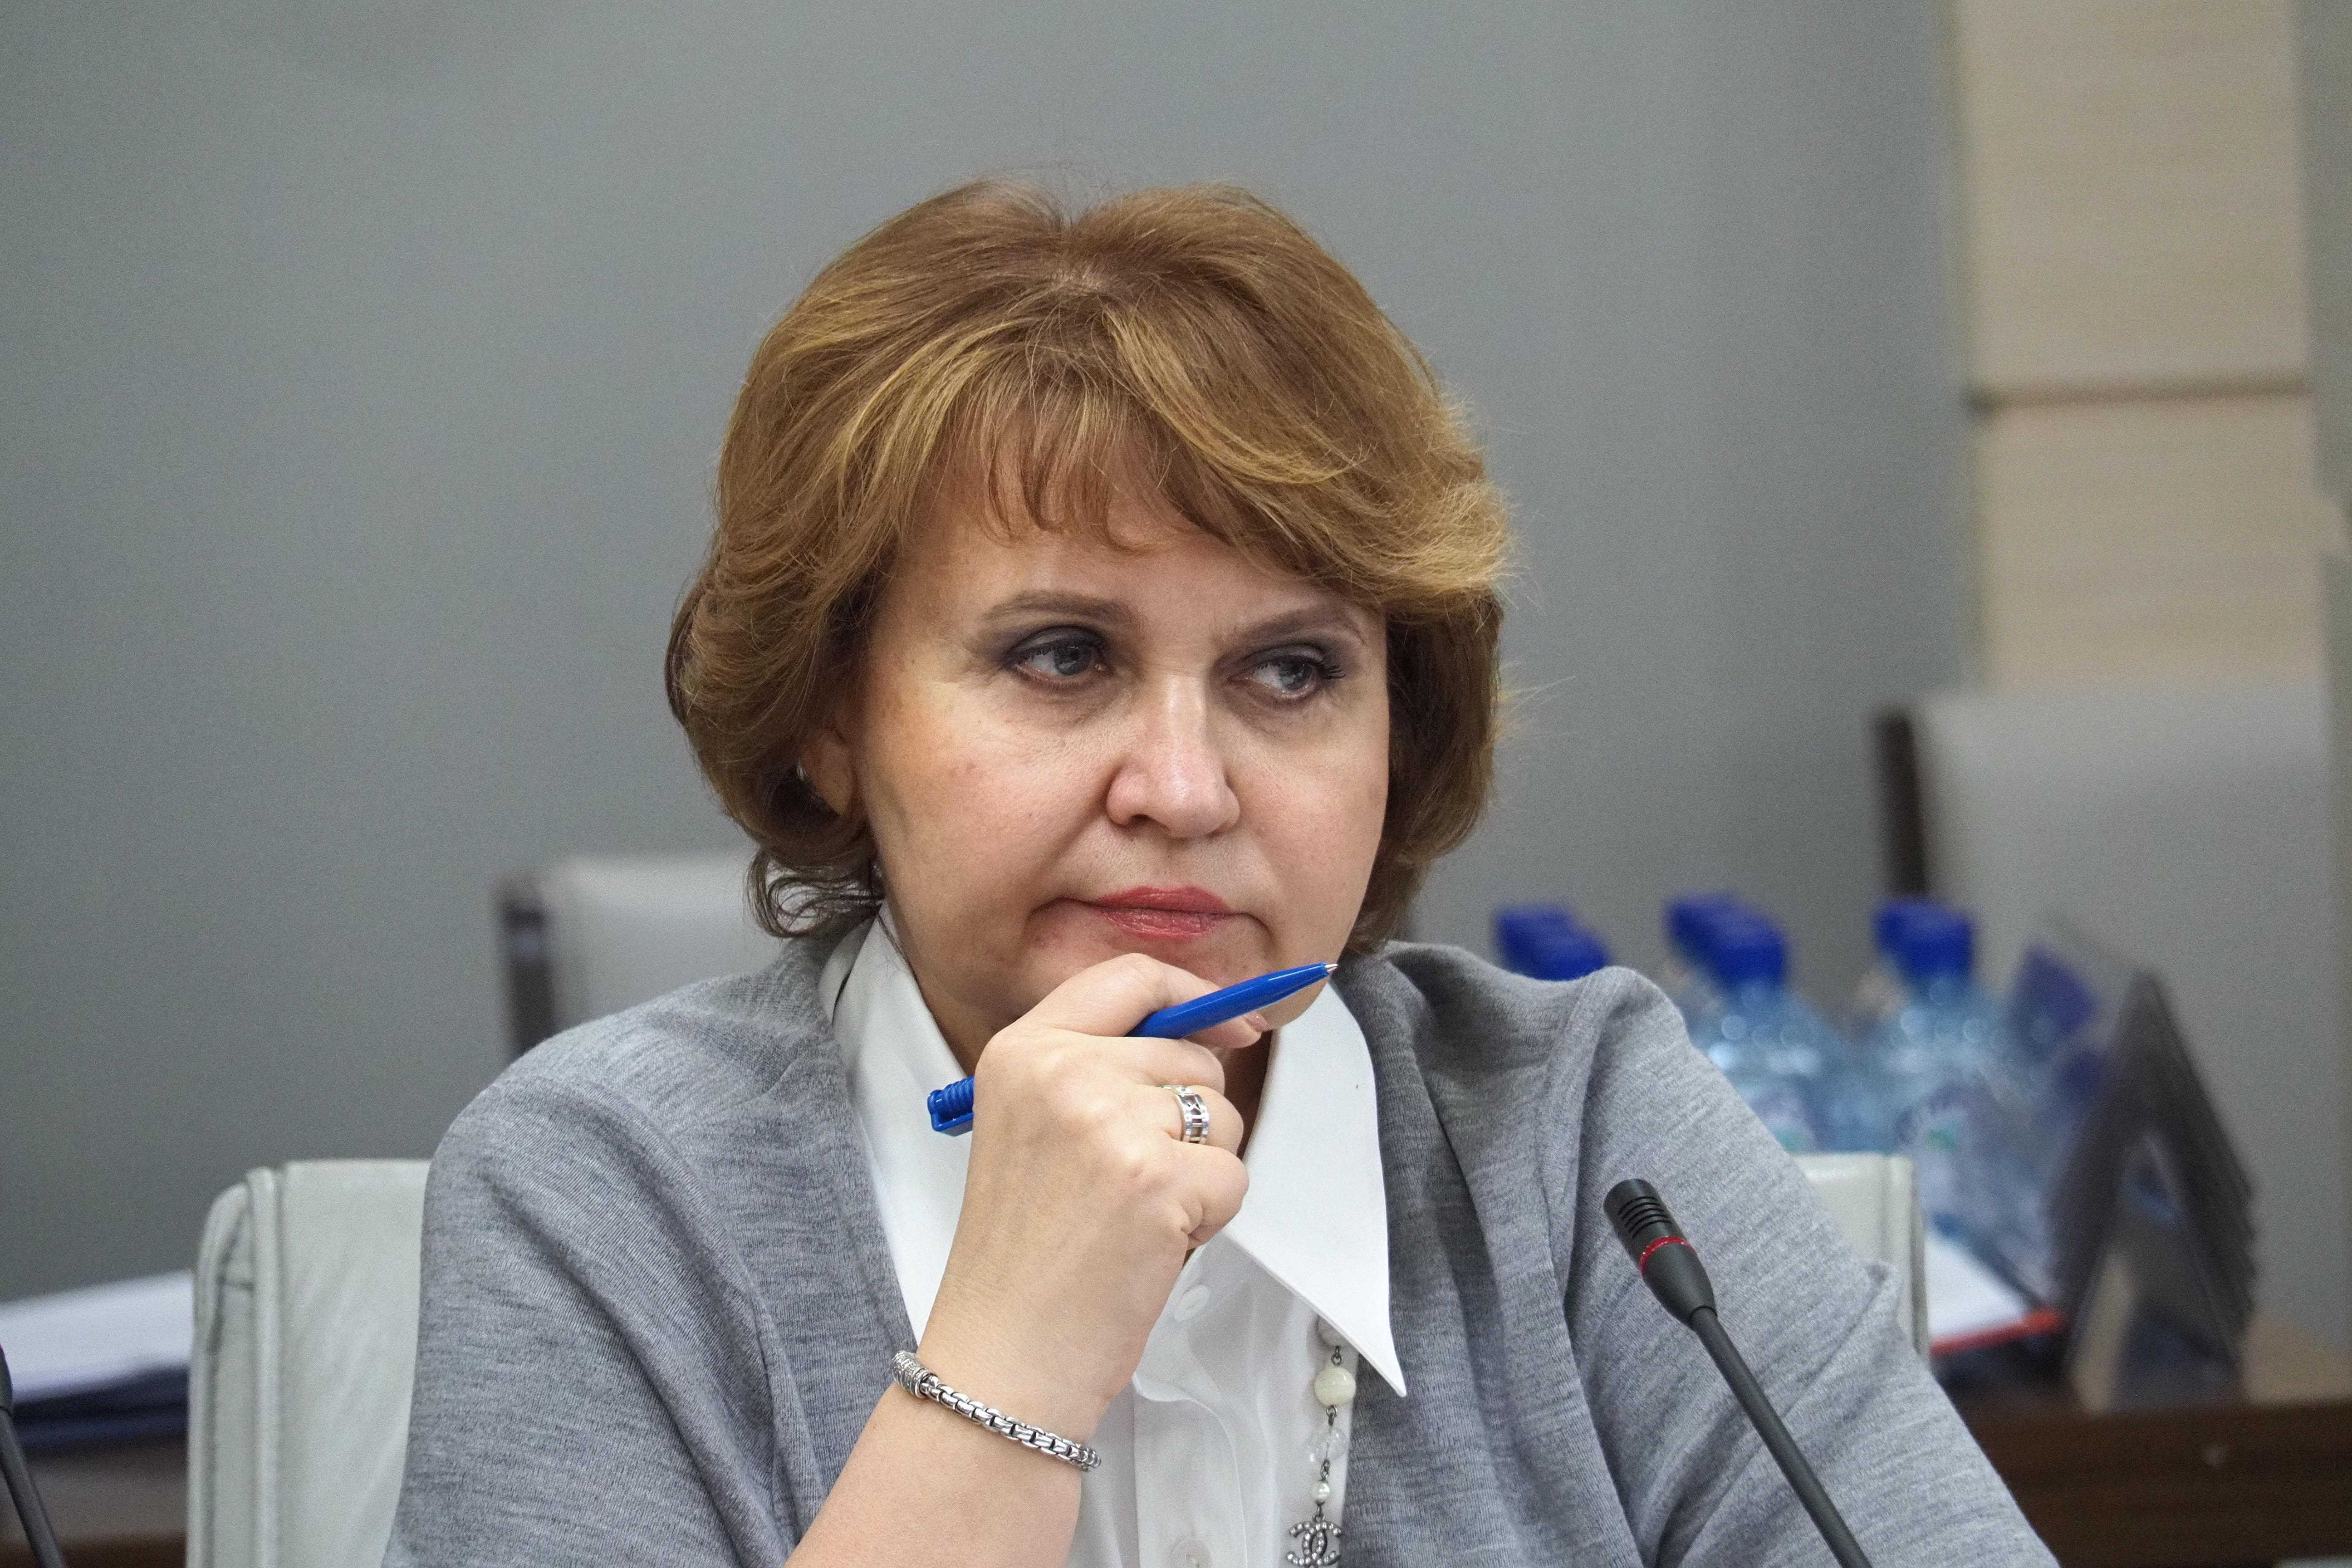 Депутат МГД Гусева: Необходимо увеличить финансирование оздоровительного отдыха для детей-льготников